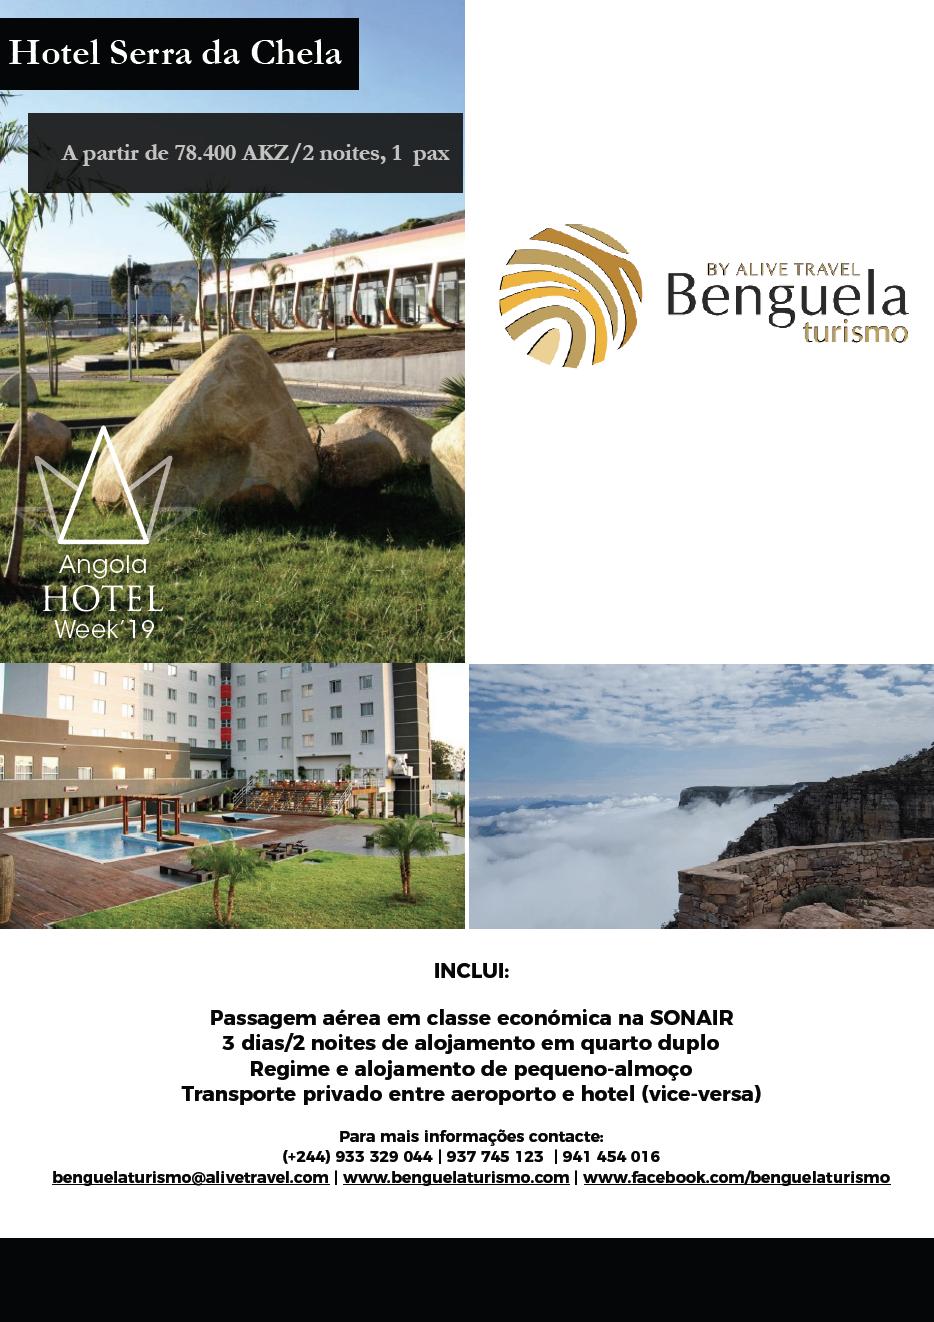 BenguelaTurismo_Chela.png